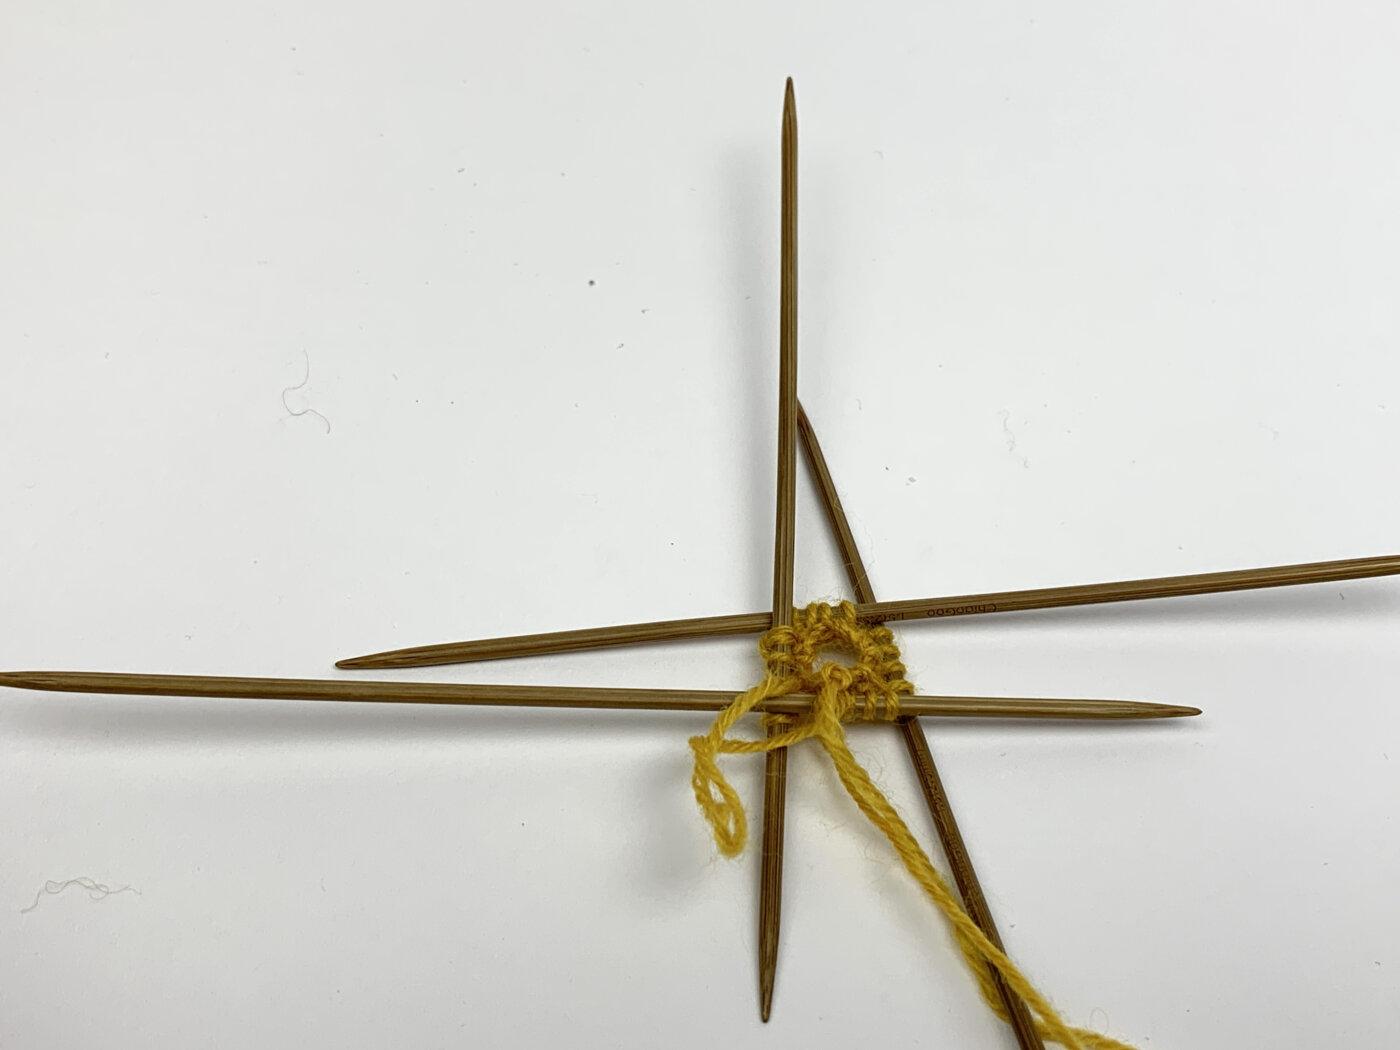 Maschen auf dem Nadelspiel